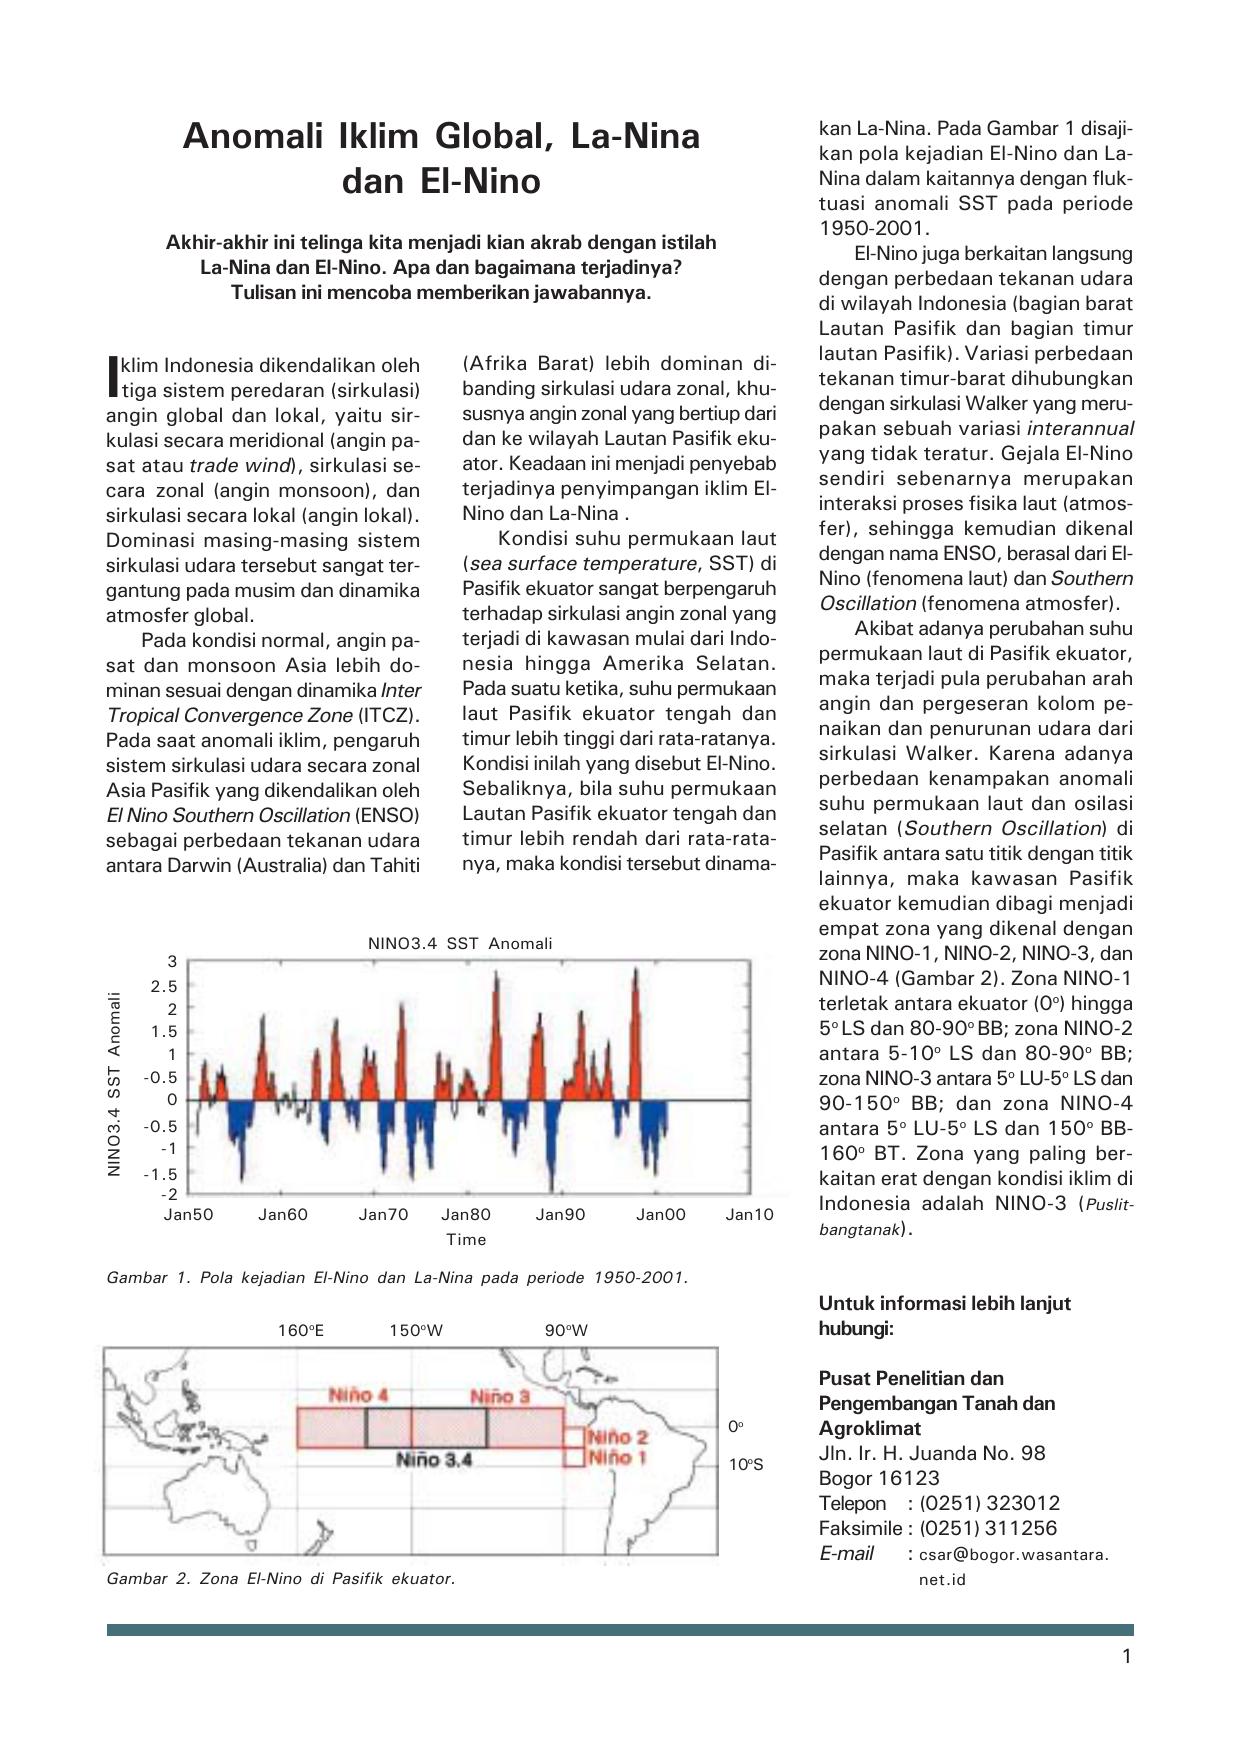 Anomali Iklim Global La Nina Dan El Nino